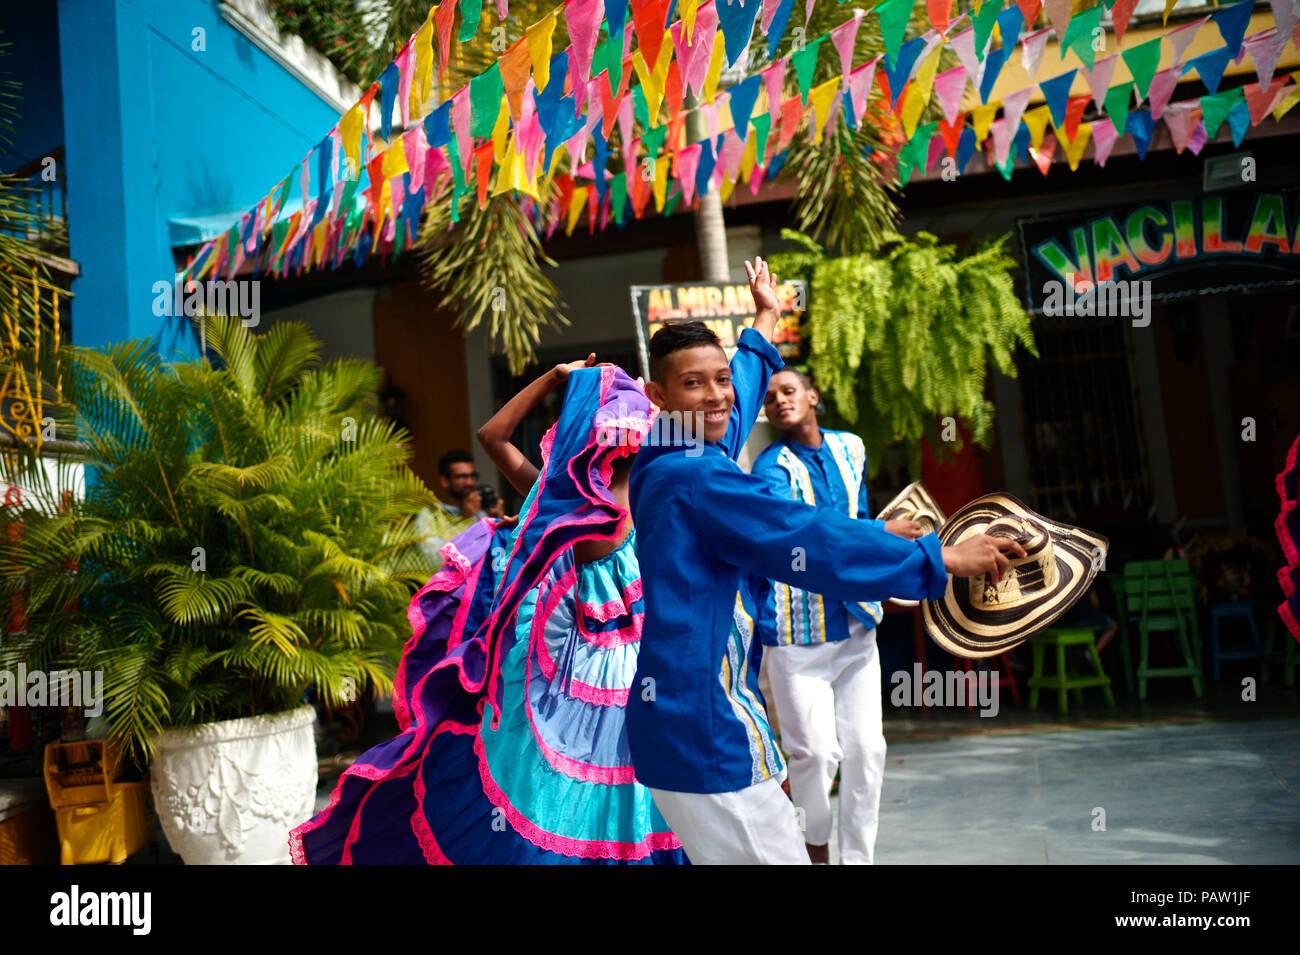 Traditionelle Gruppe angezogen, die die mehrere Dance Styles, die in der kolumbianischen Karibik vorhanden Stockbild